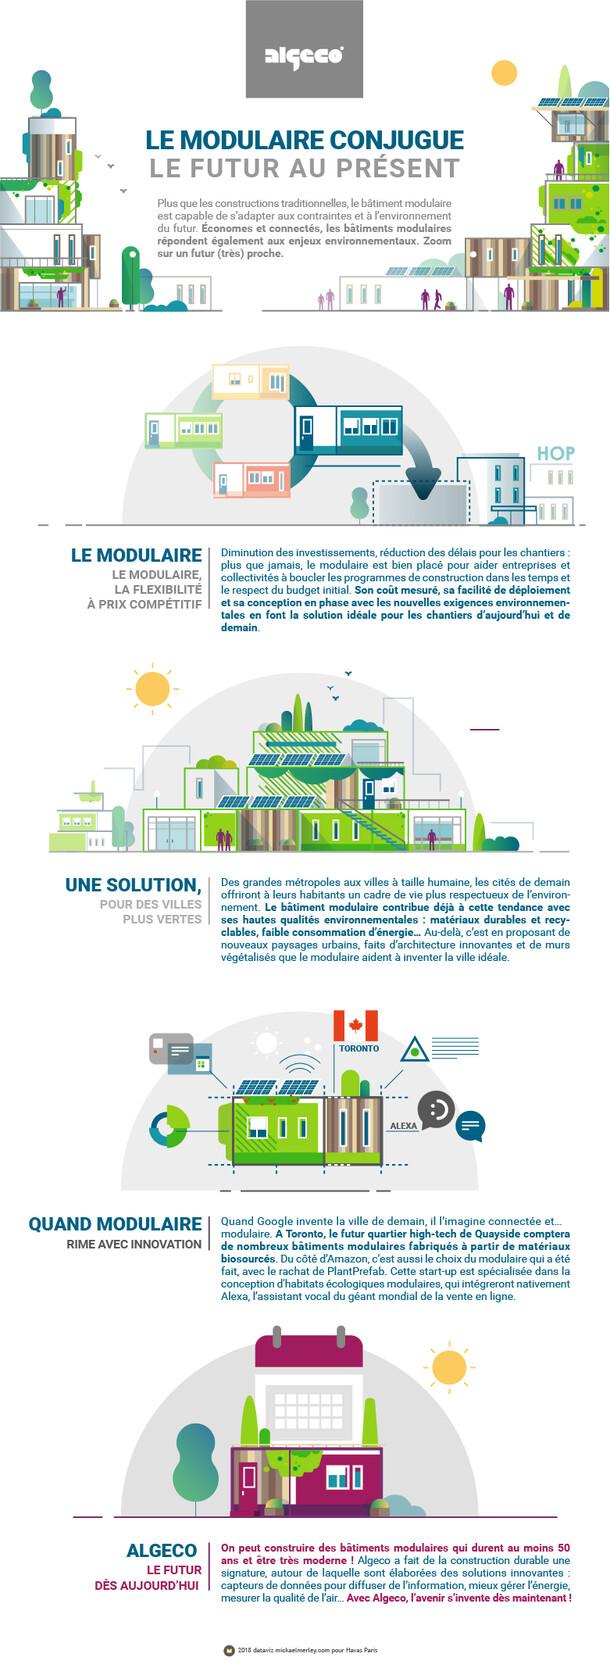 Infographies Algeco